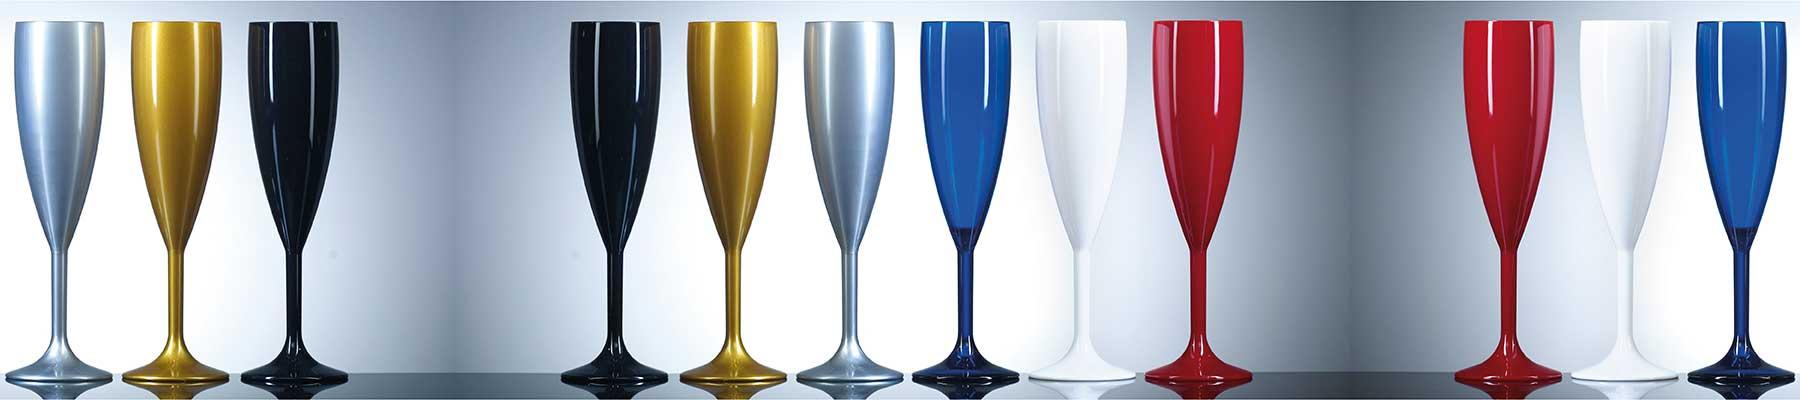 diverse range of reusable plastic champagne flutes